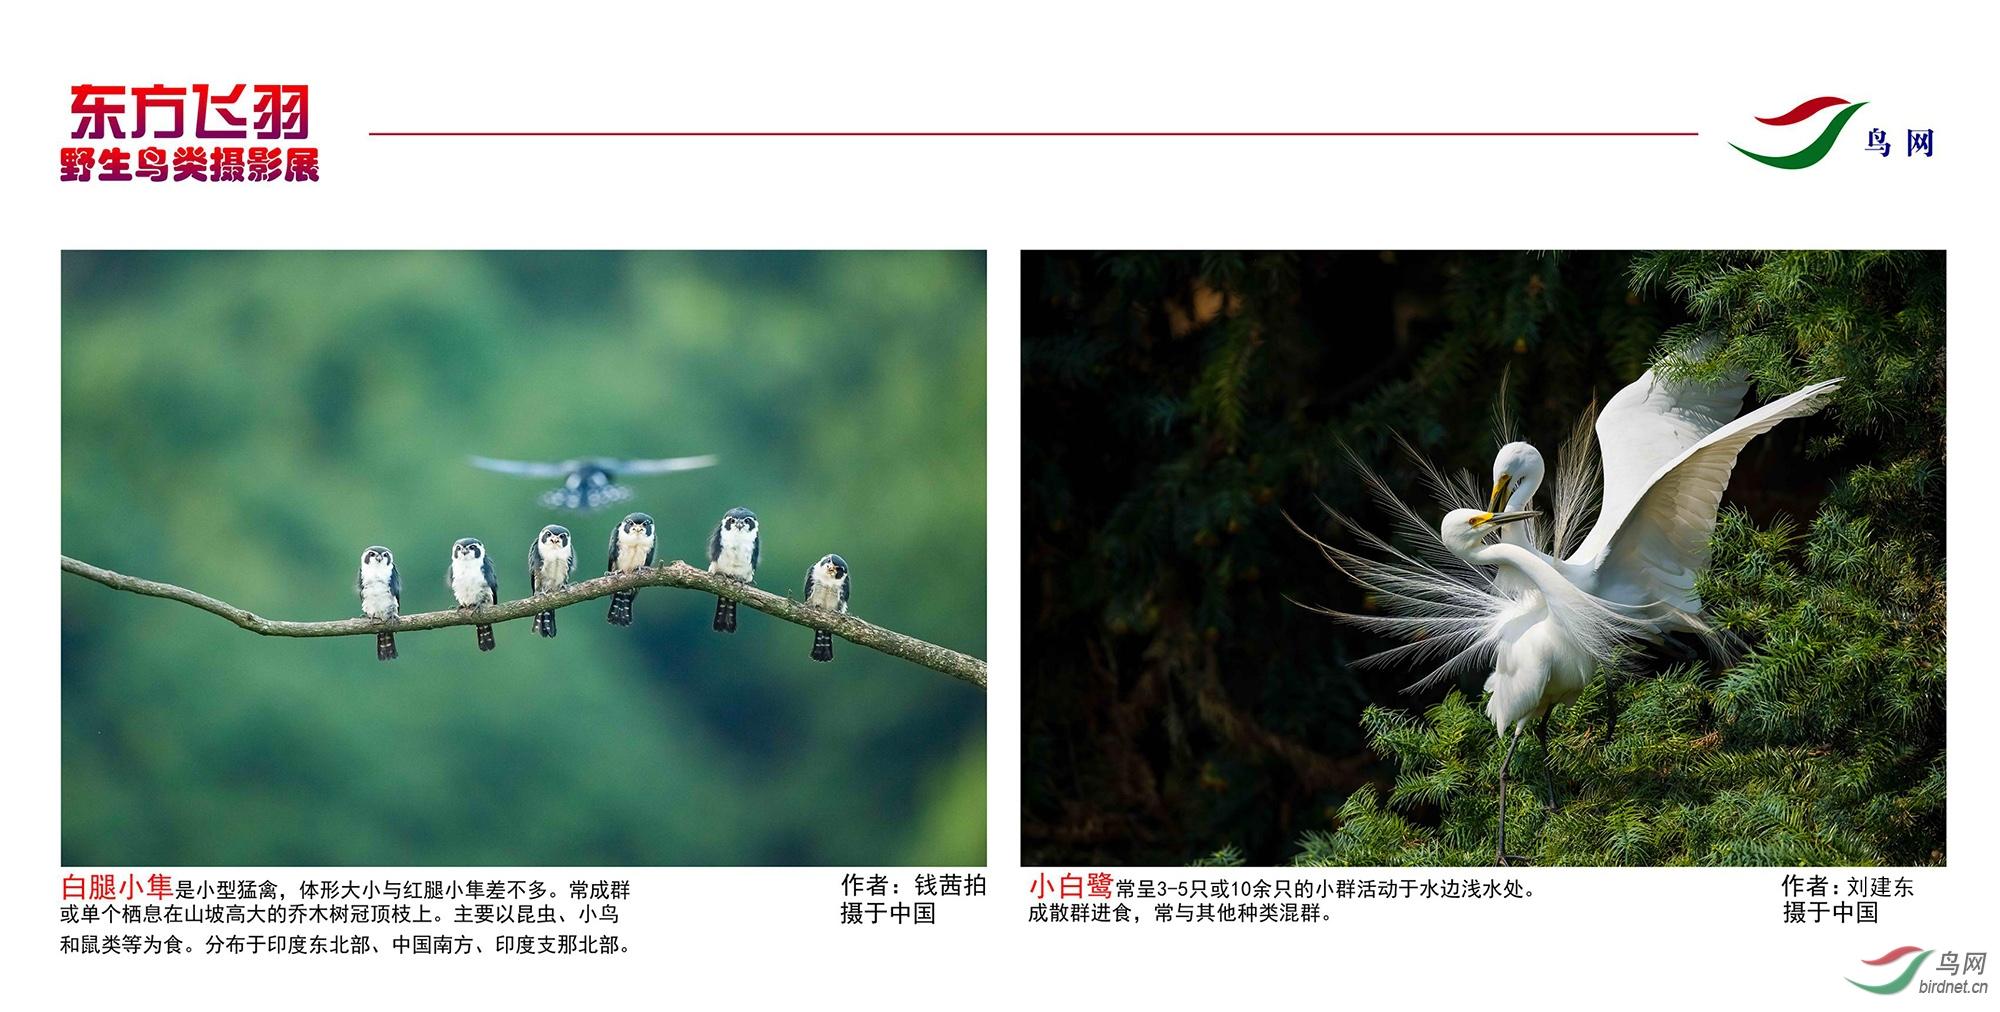 1_东方明珠摄影展照片_23.jpg